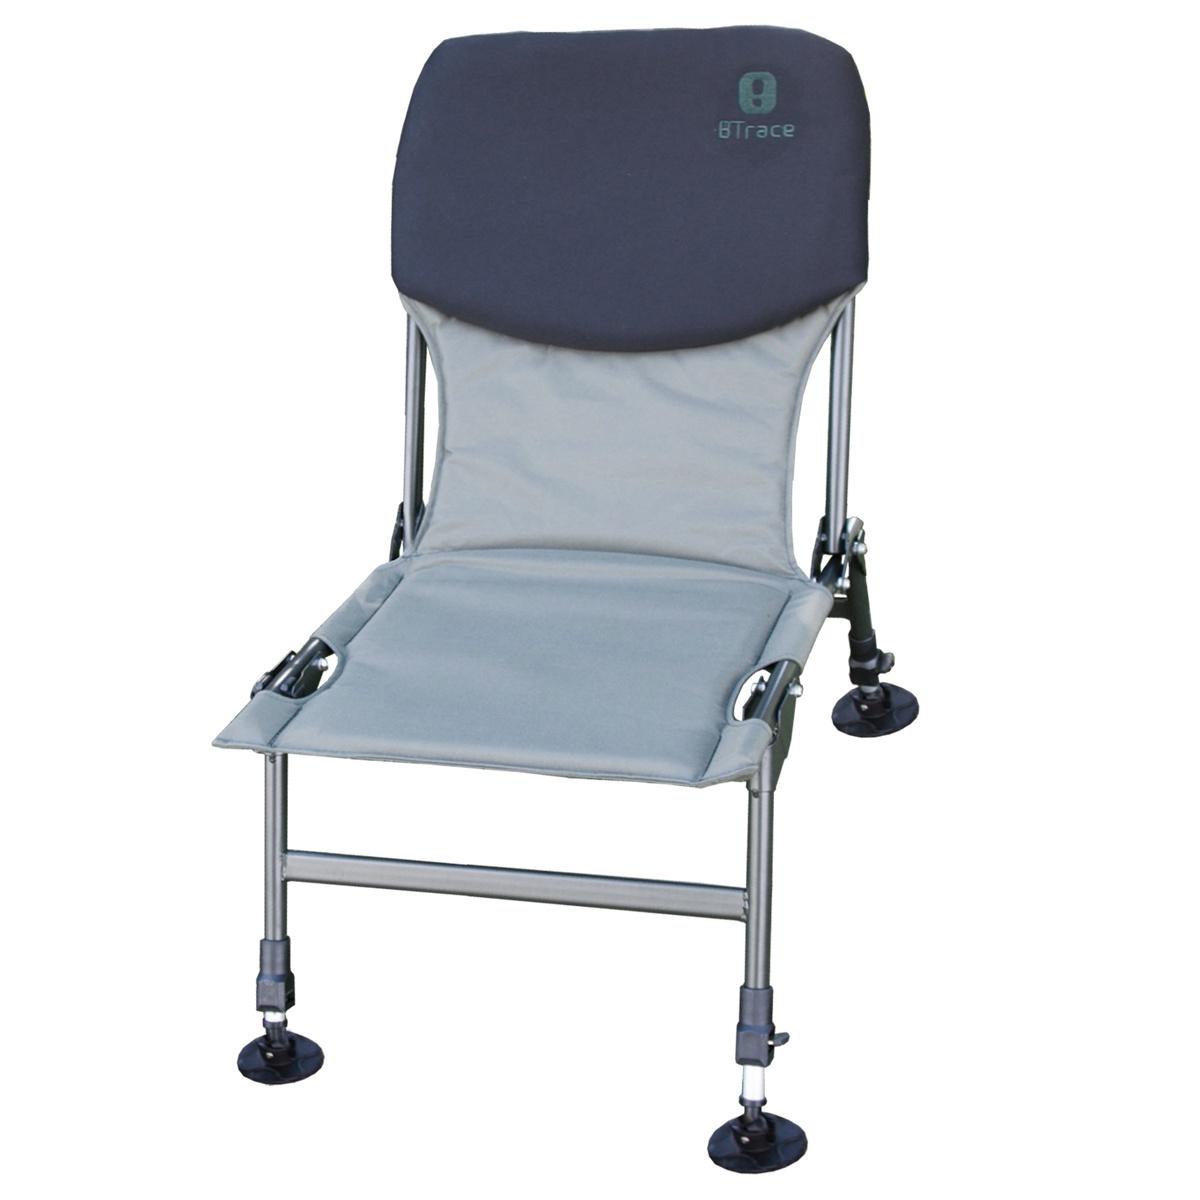 Кресло раскладное BTrace F0480